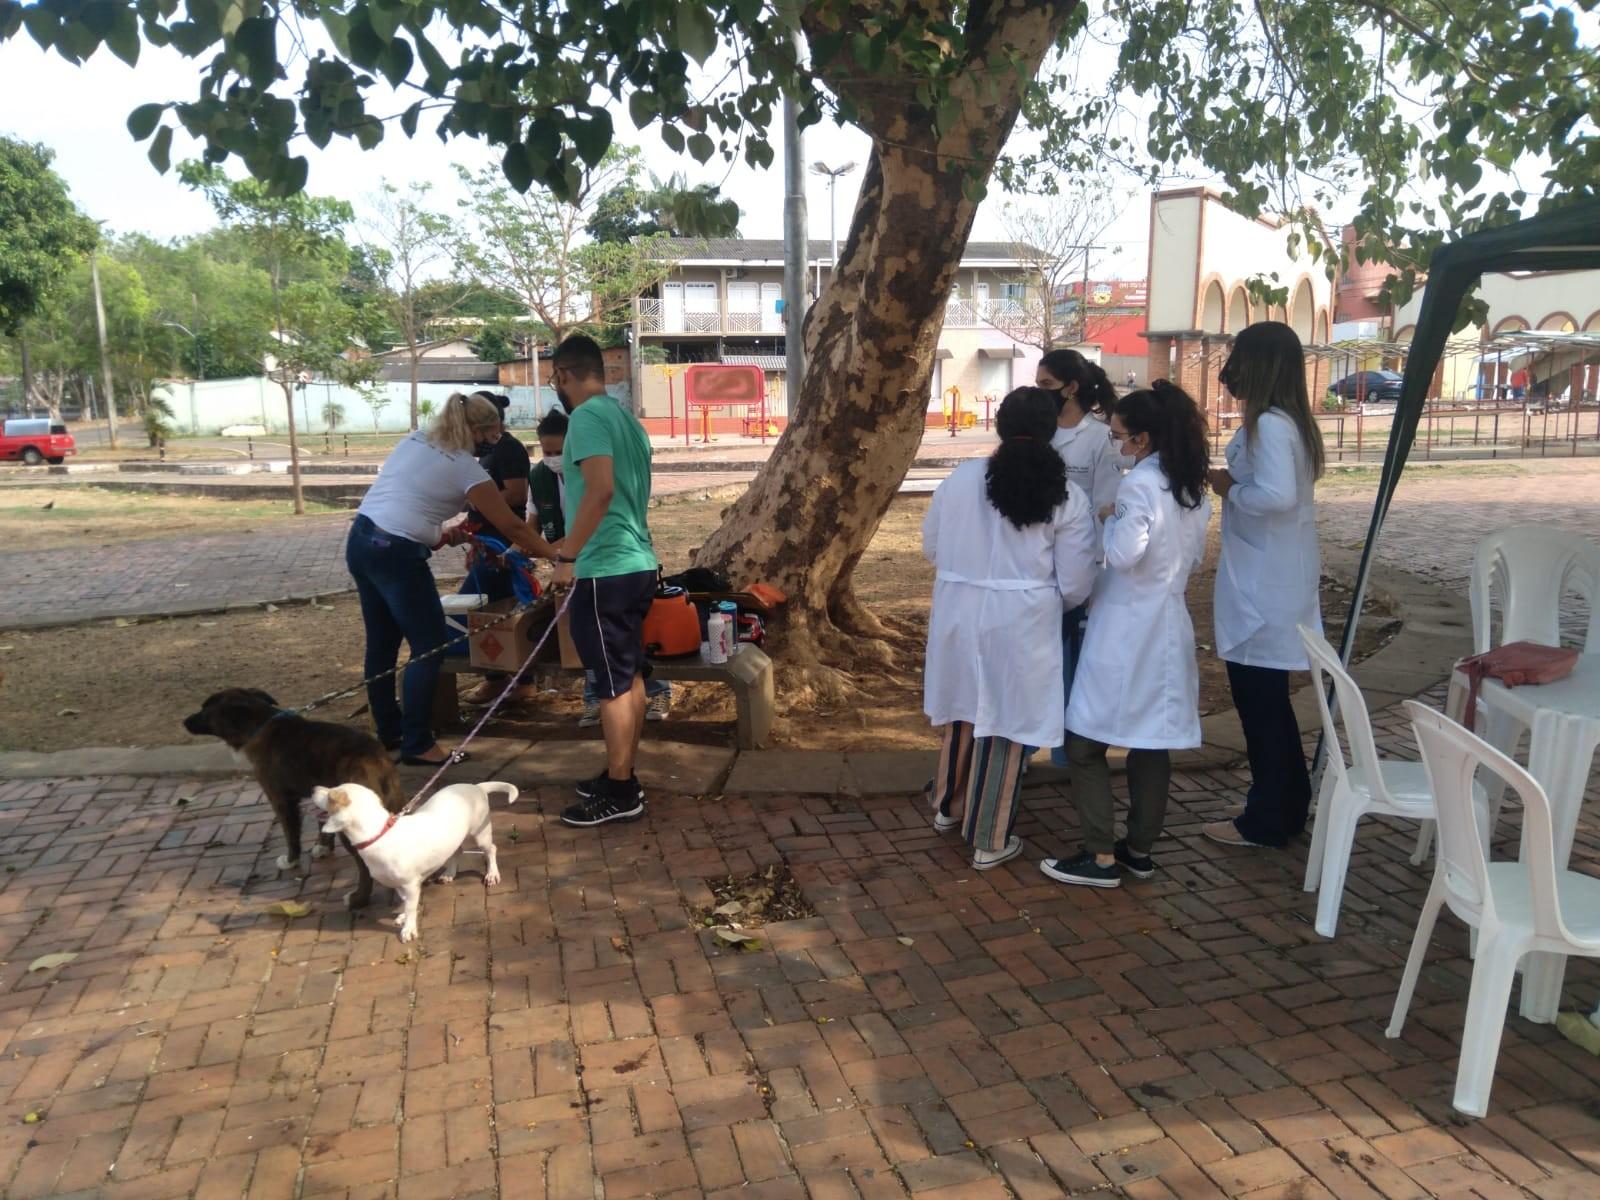 Na capital, campanha de vacinação antirrábica imuniza cães e gatos na Baixada da Sobral no sábado (25)